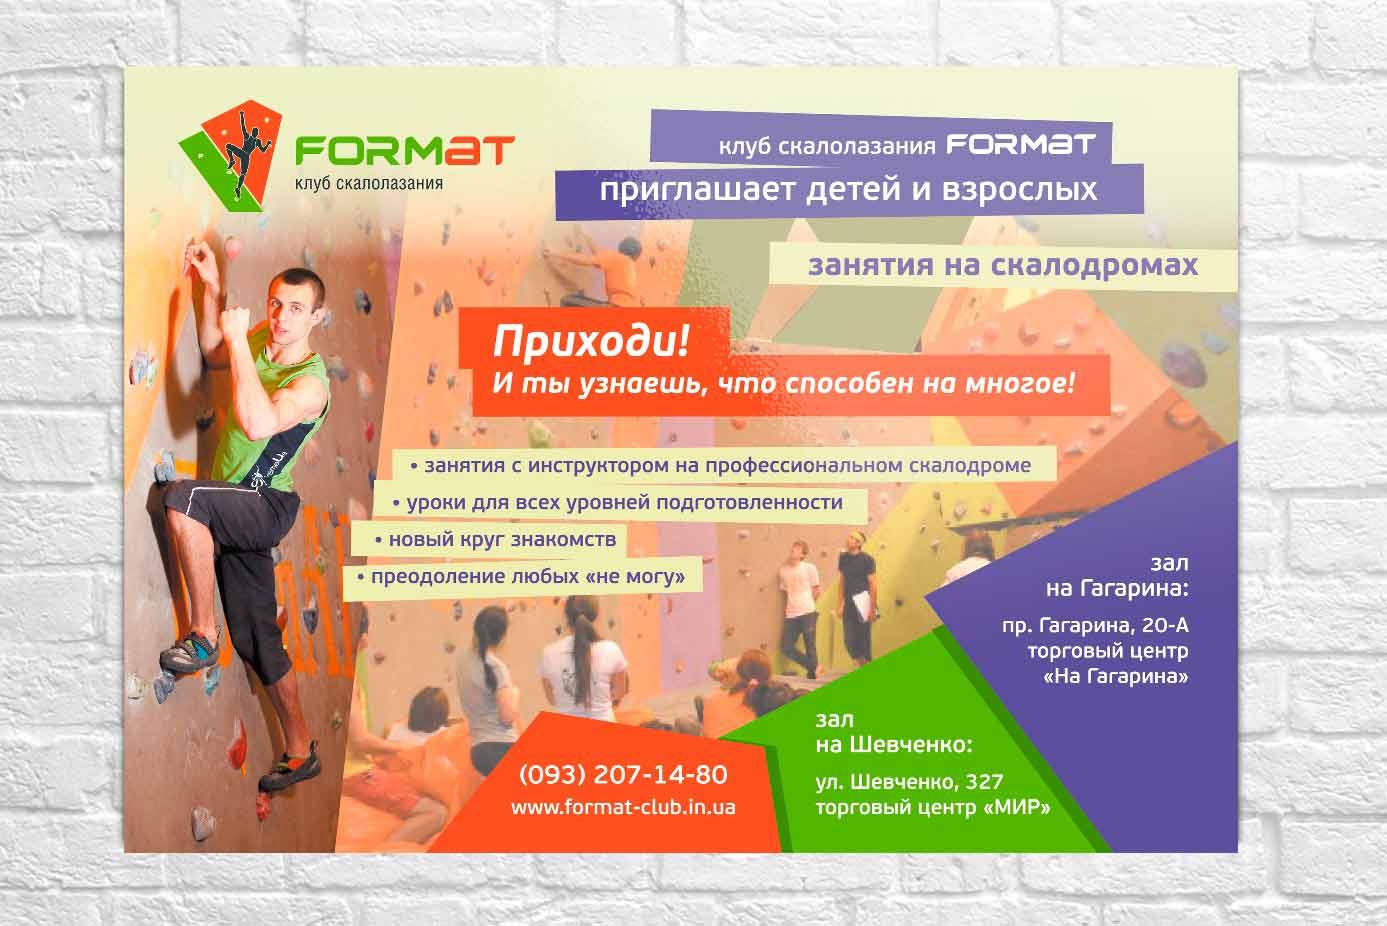 Дизайн постера для клуба FormAT